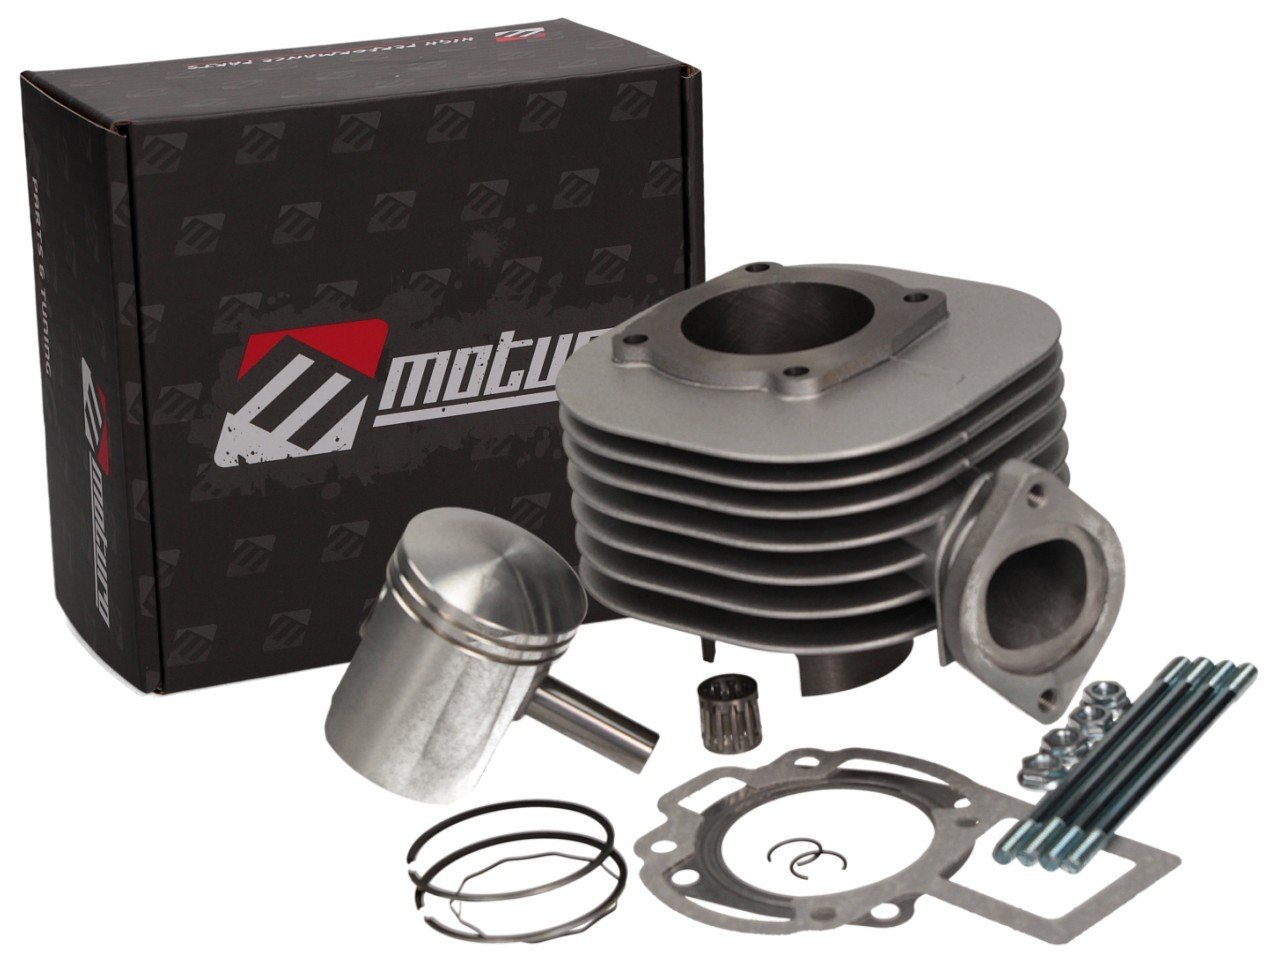 Moturo Zylinderkit Zylinder Kit f/ür Suzuki LT-80 87-06